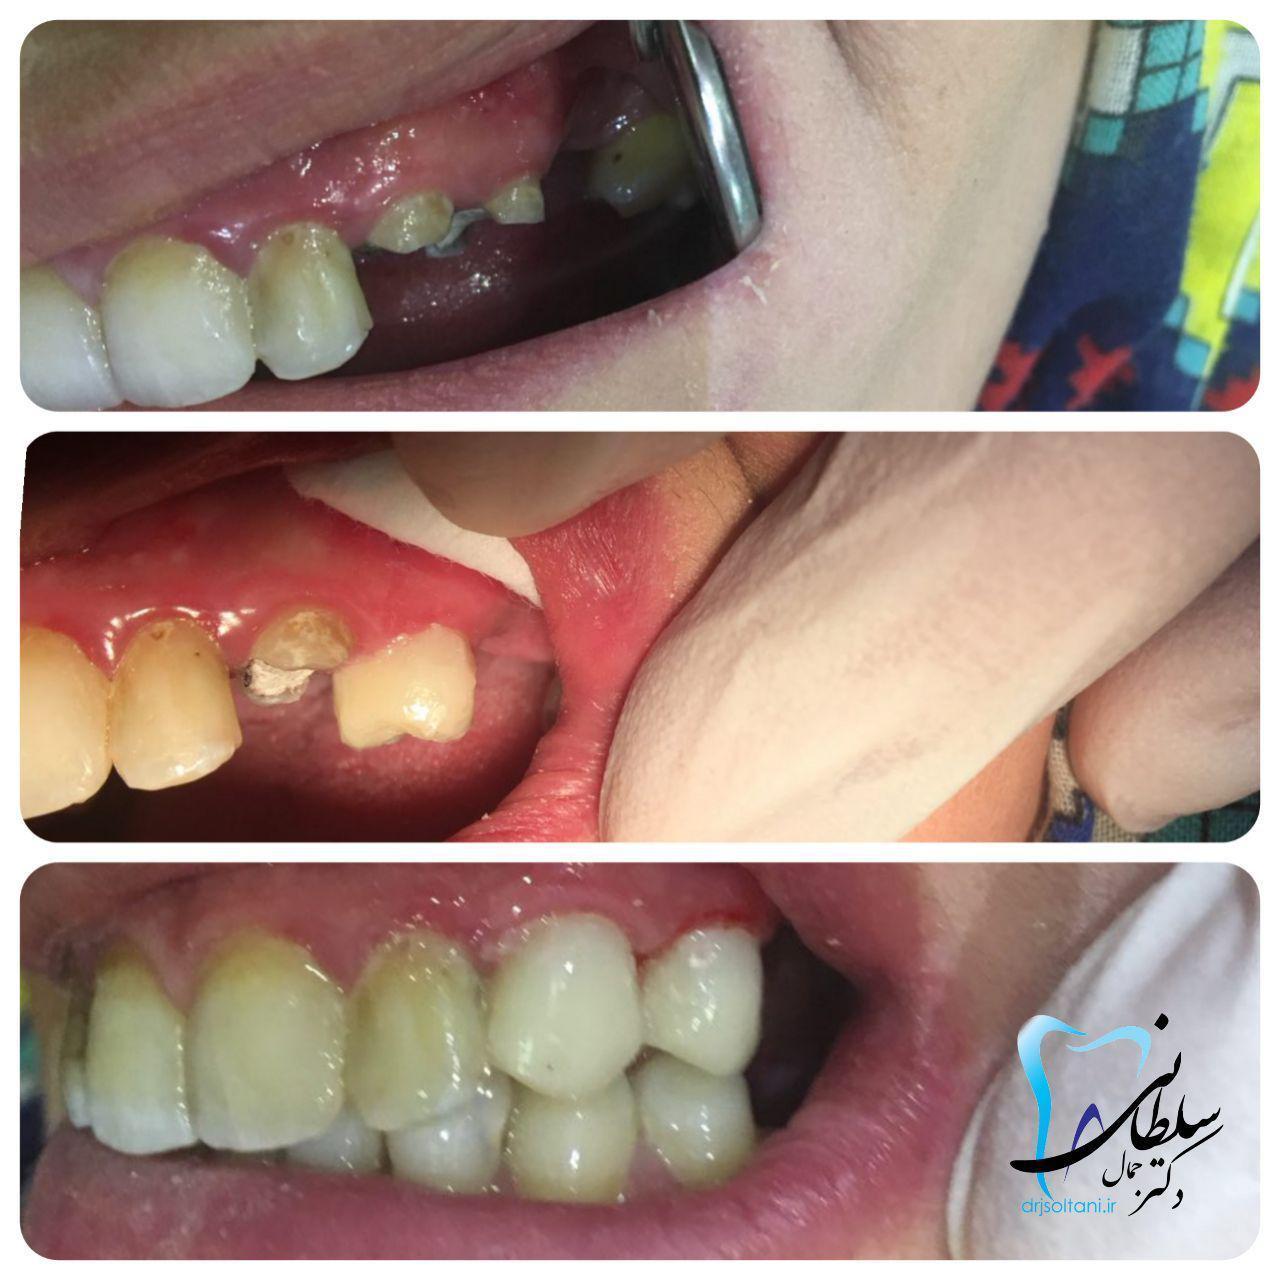 بازسازی تاج دندان های نیش و آسیای کوچک